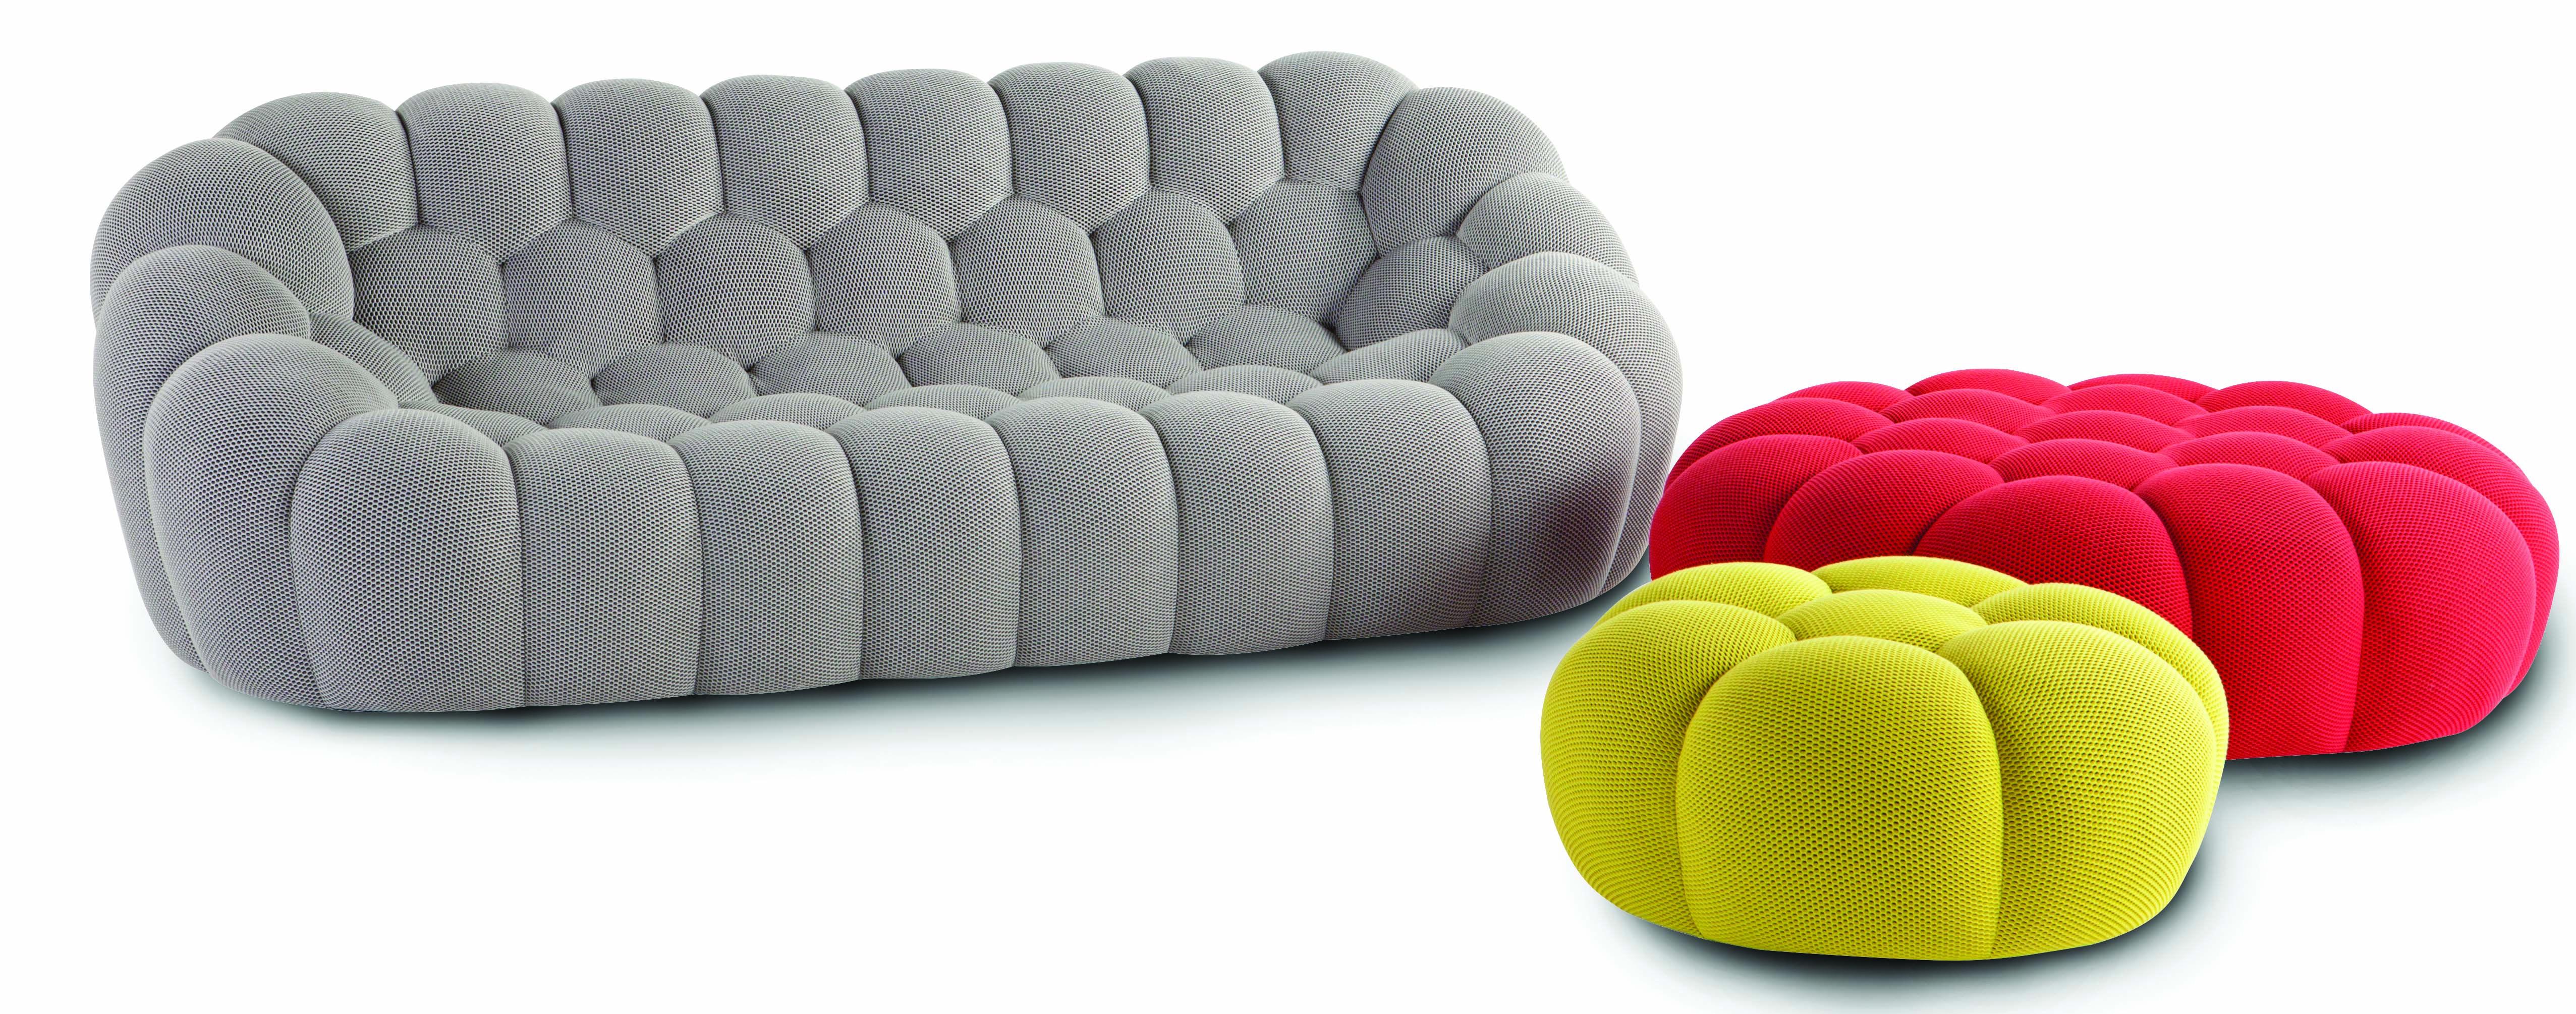 Roche Bobois Bubble Collection Designed By Sacha Lakic Manufactured In Europe Rochebobois Frenchartdevivre Sofas Modernos Design De Sofa Almofadas